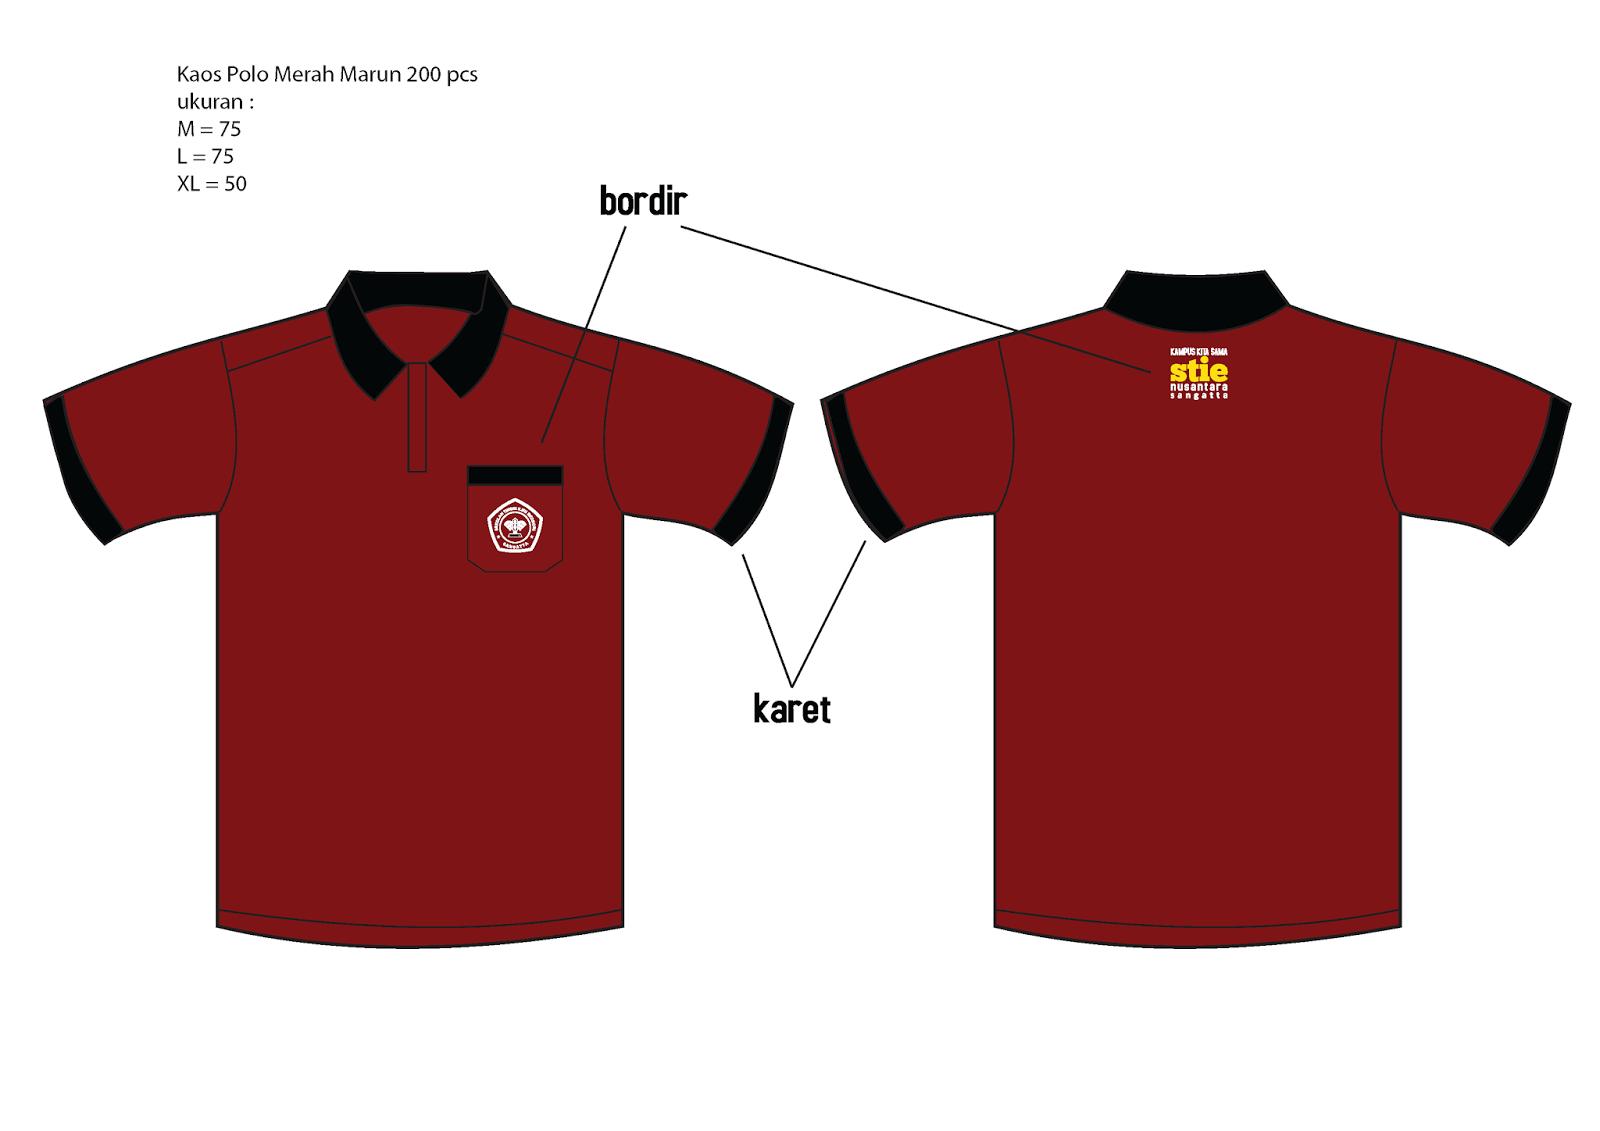 Polo%2BSangatta Order Kaos Polo Merah Marun